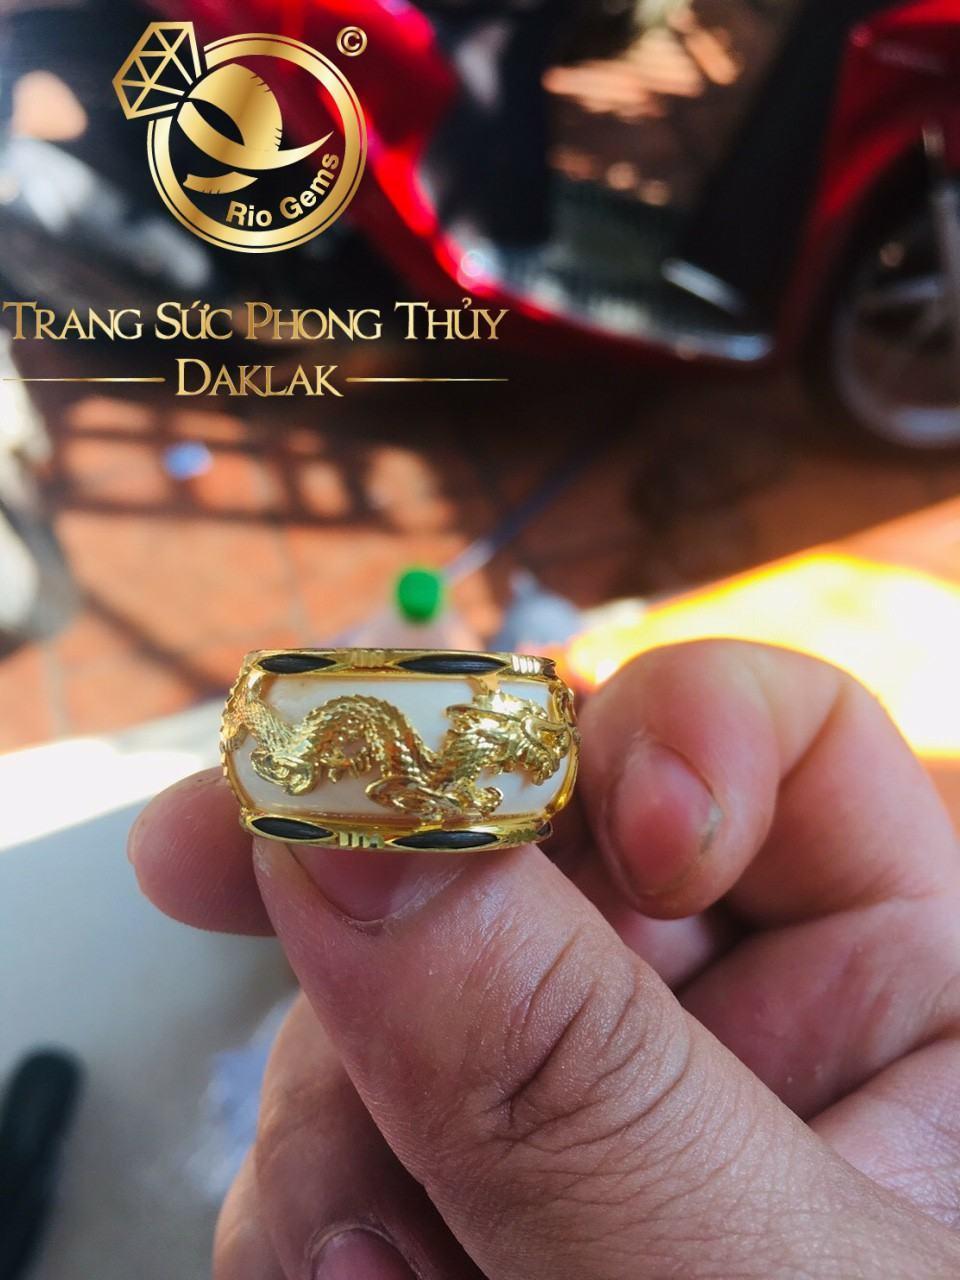 Nhẫn vàng phong thủy giá rẻ rồng ngang Riogems